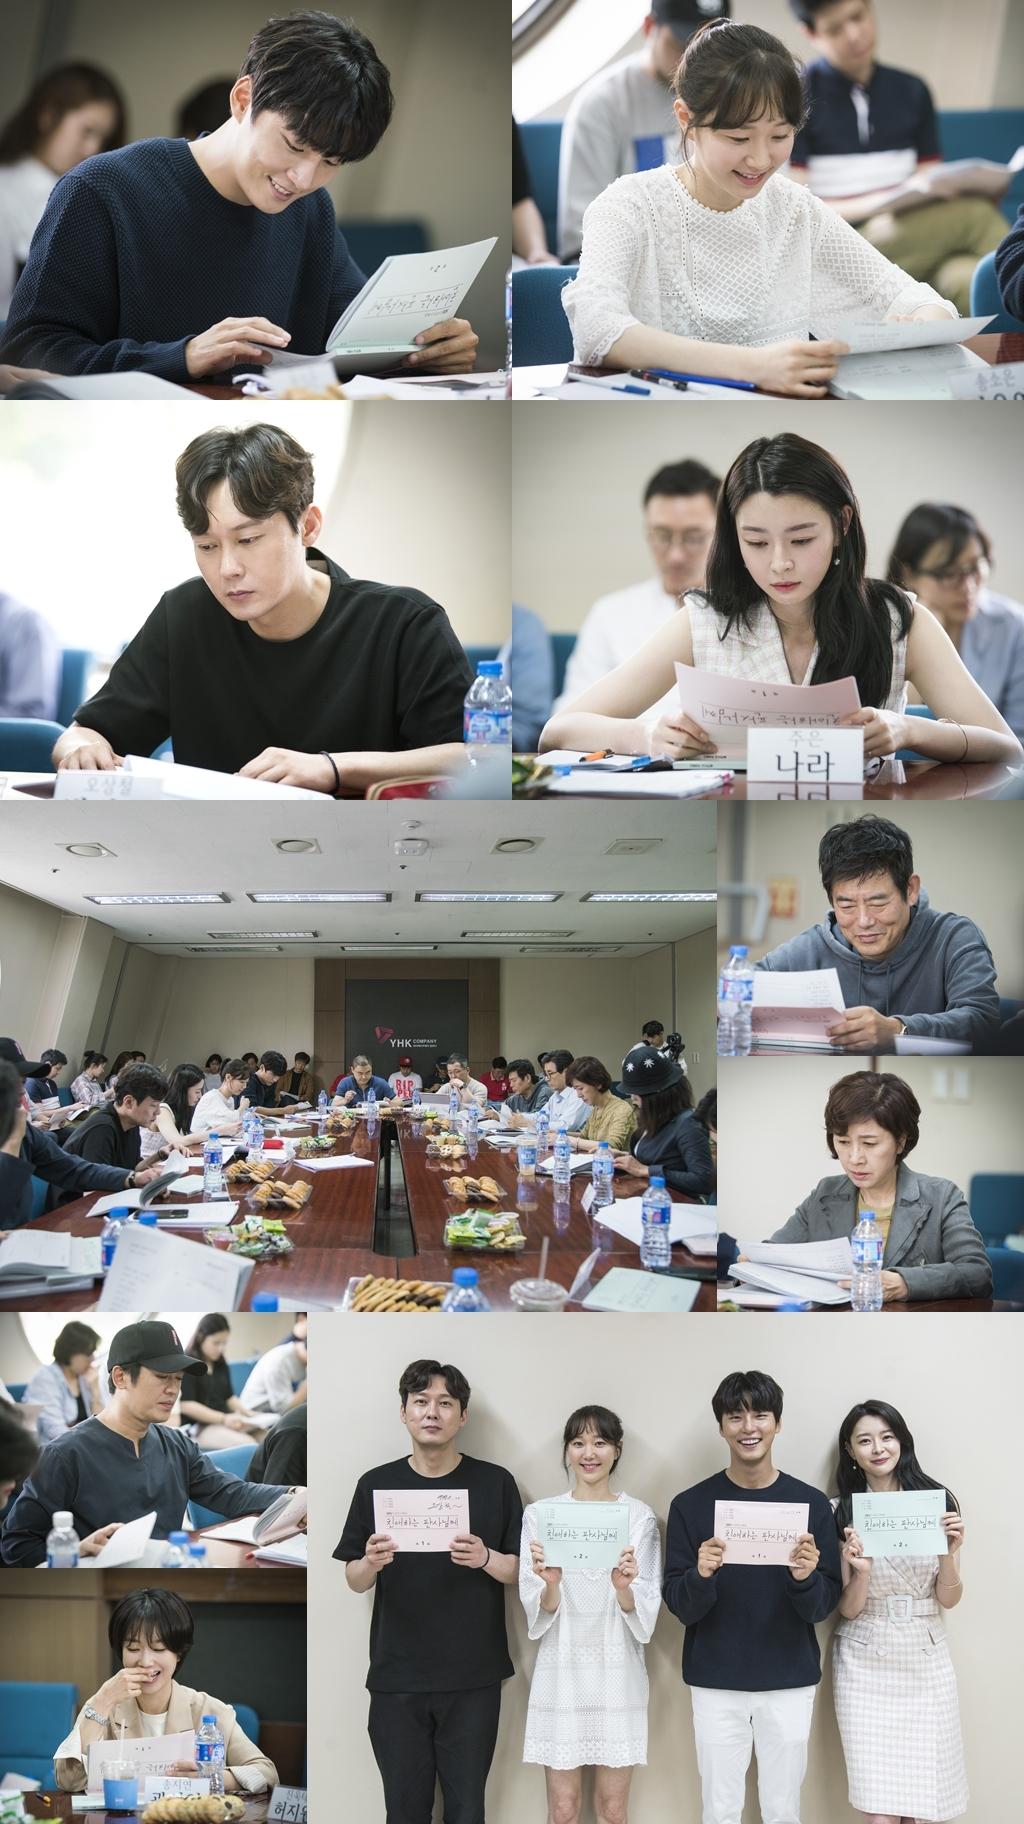 '친애하는 판사님께' 대본리딩 현장 공개! 윤시윤-이유영-박병은-나라 총출동